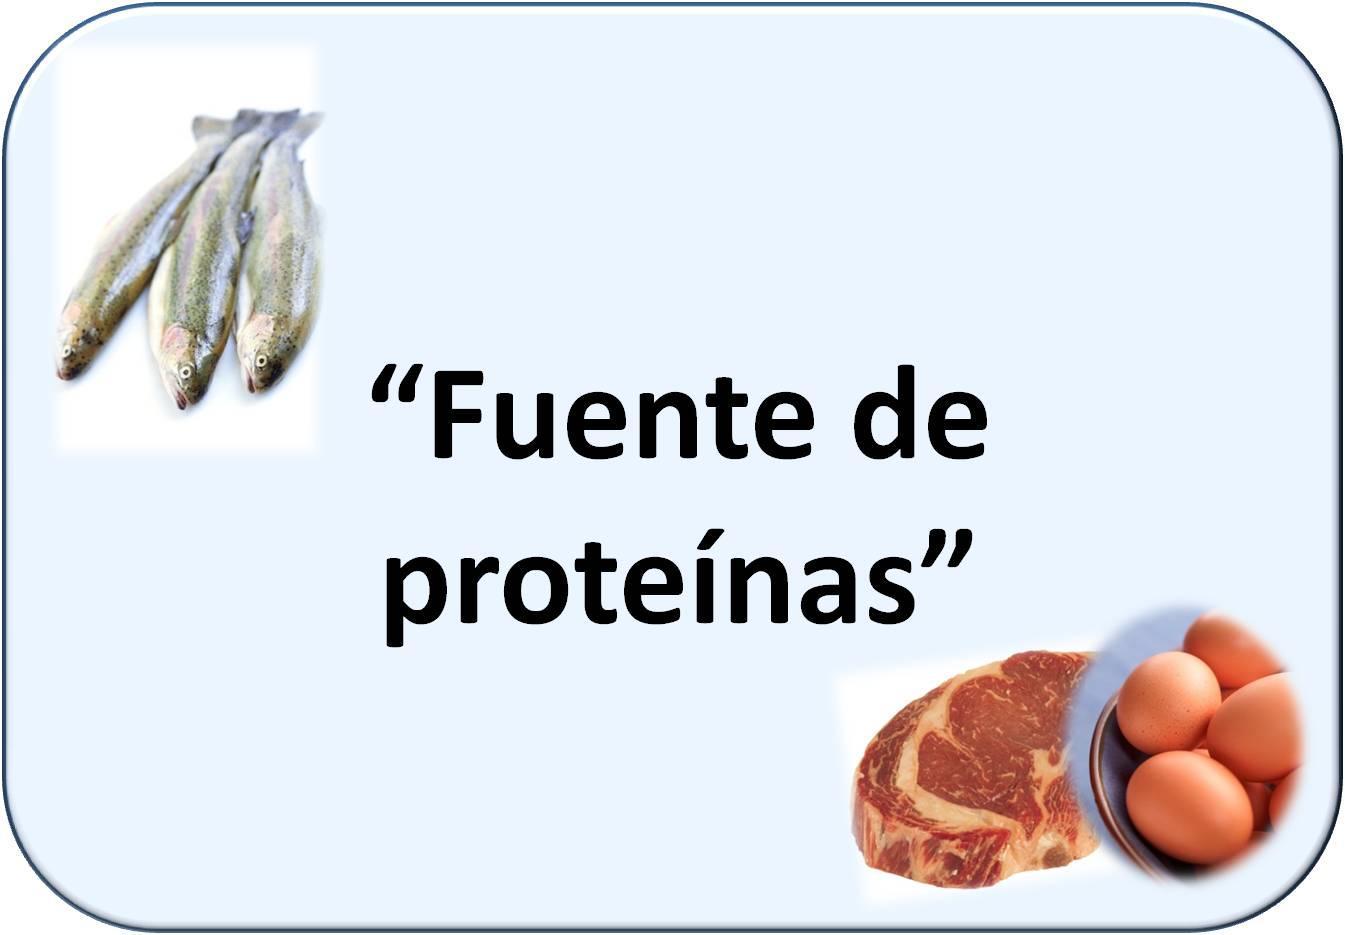 Simbología de proteínas: pescado, carne y huevos